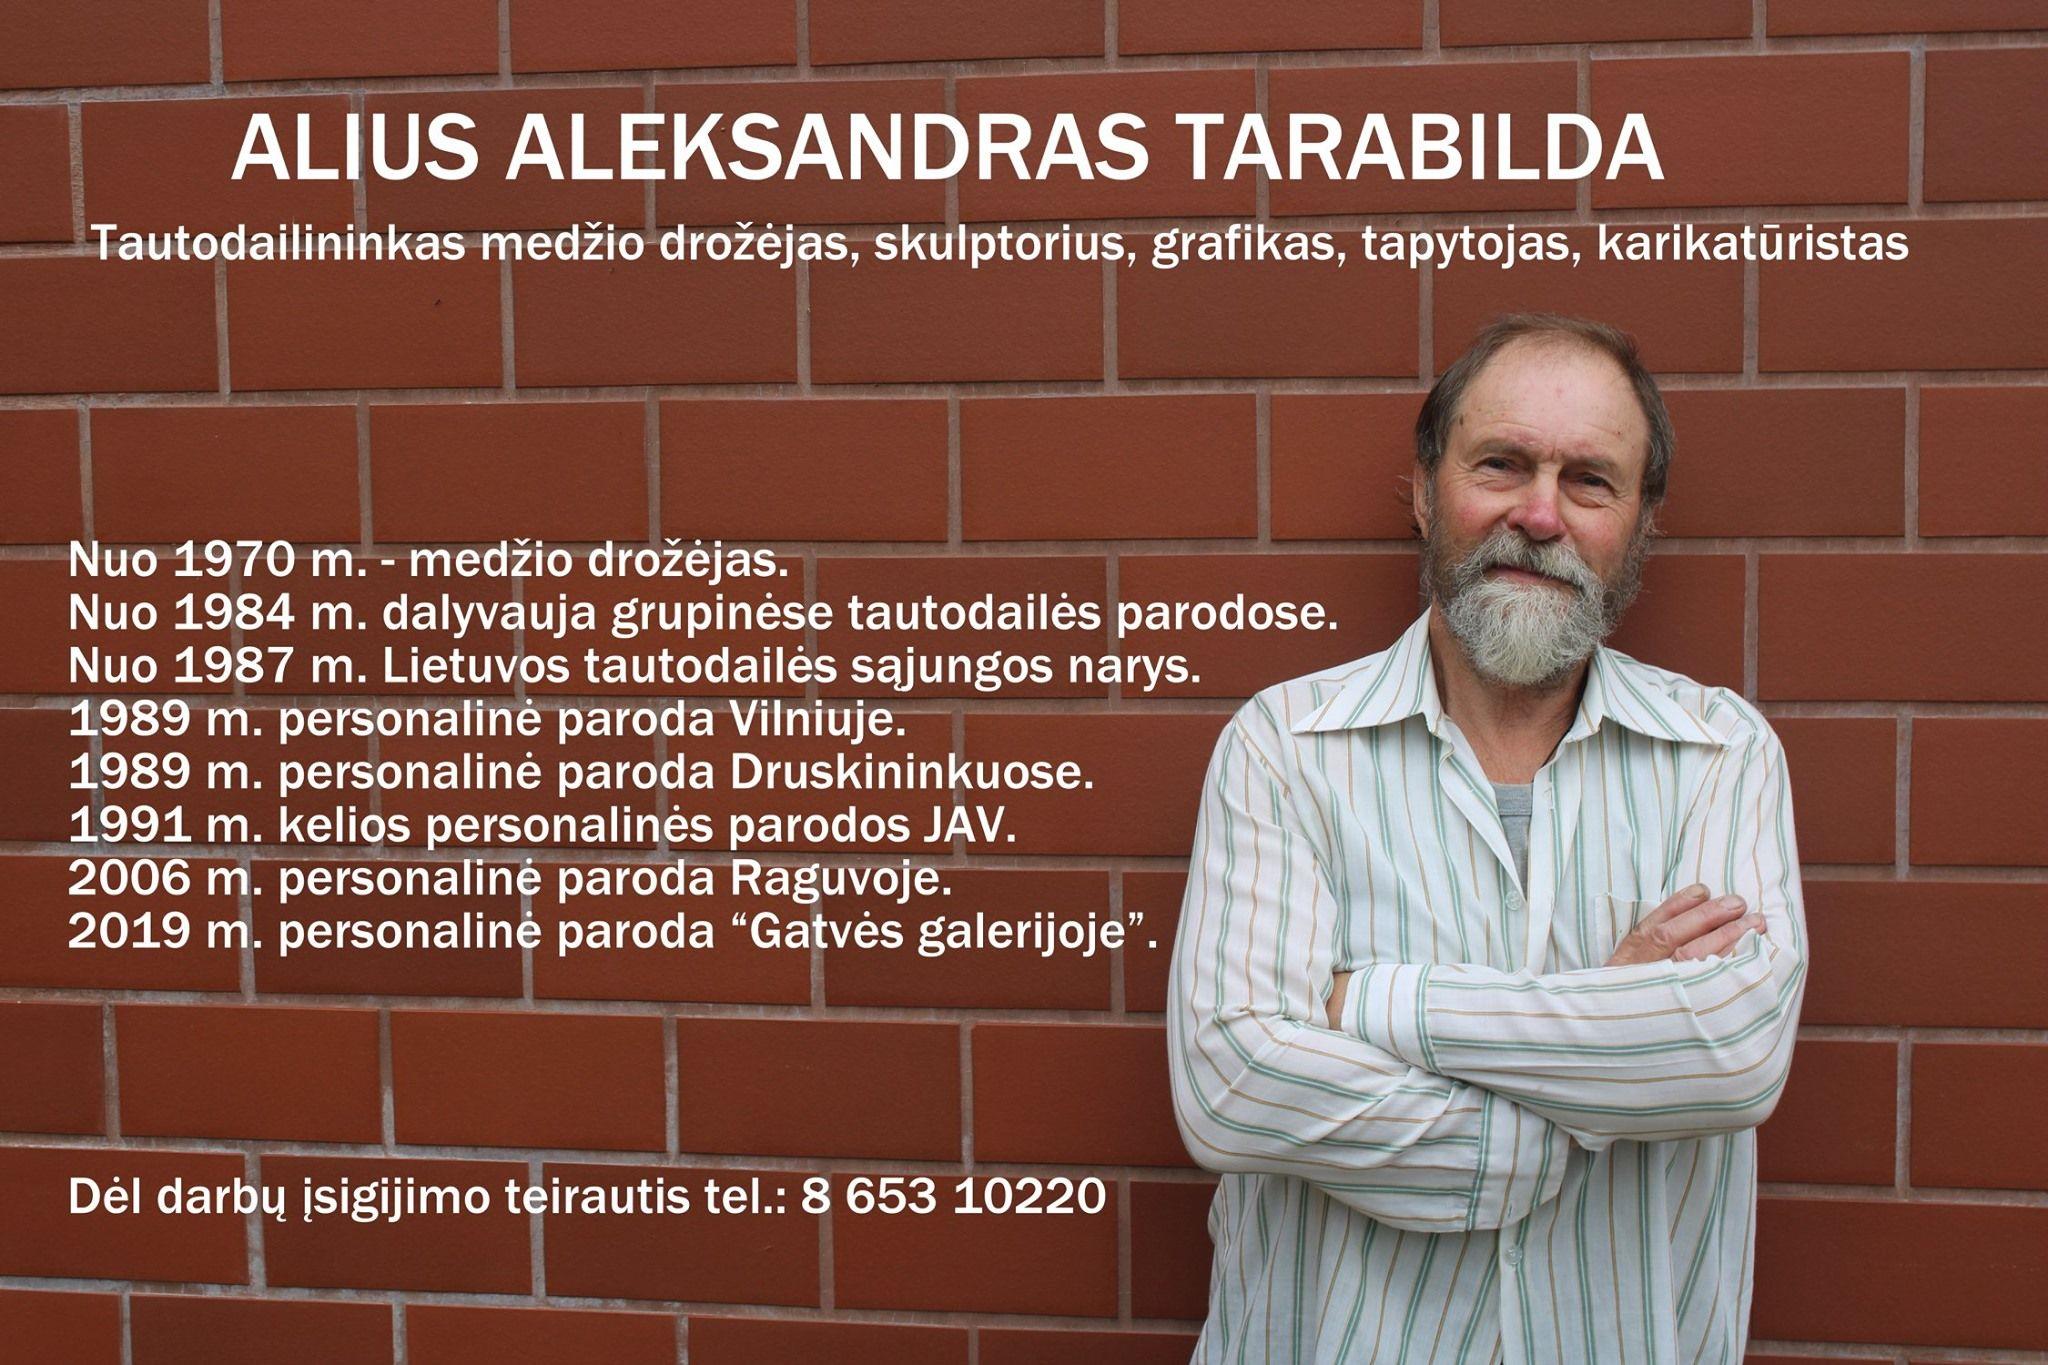 Aleksandro Tarabildos kūrinių paroda